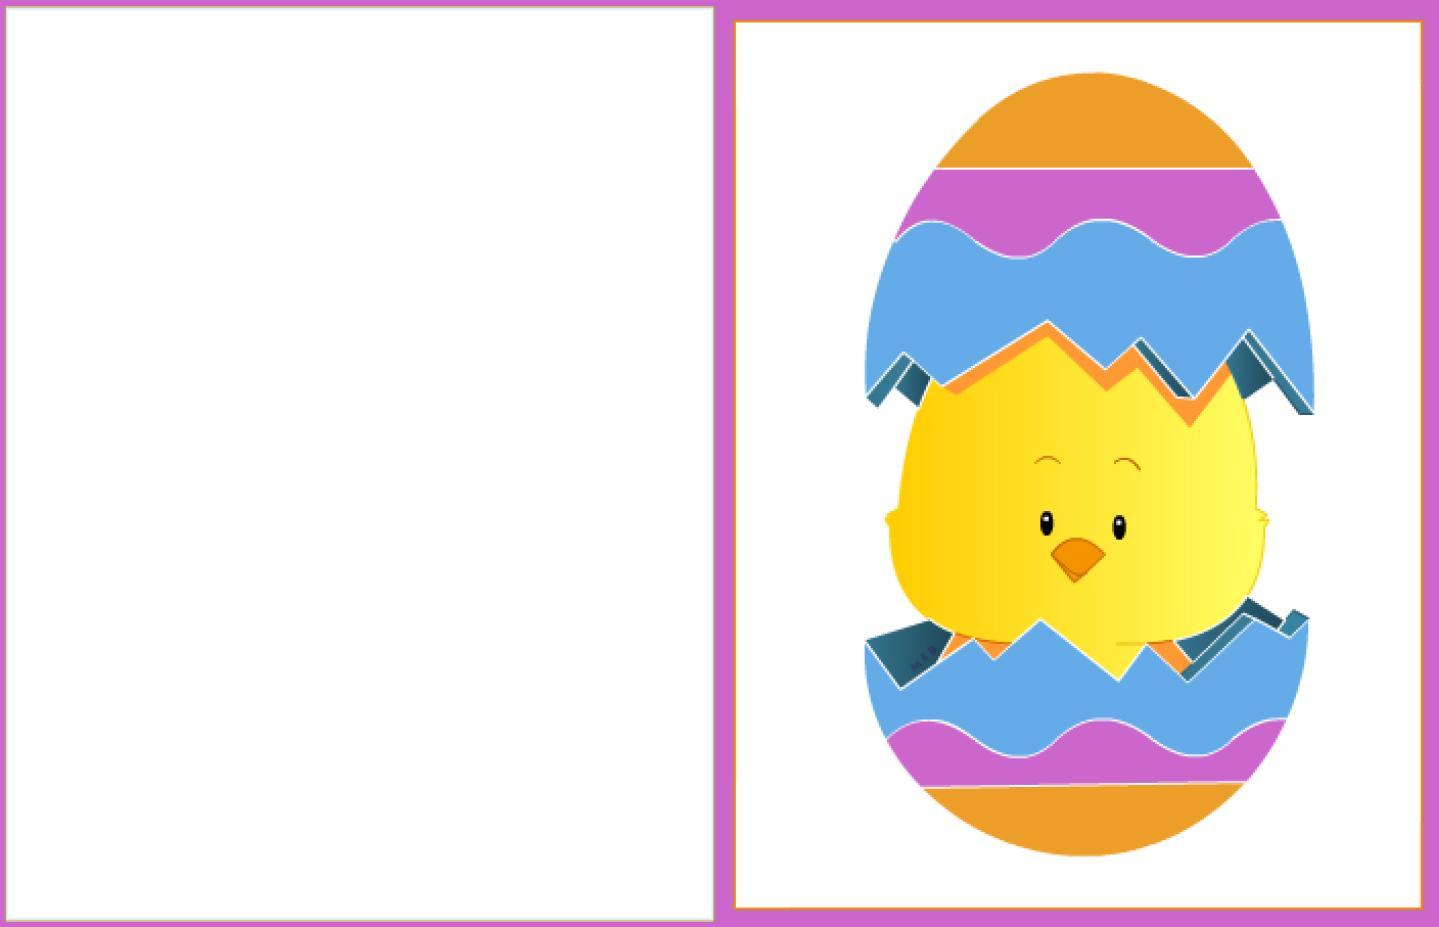 pulcino e uovo mod